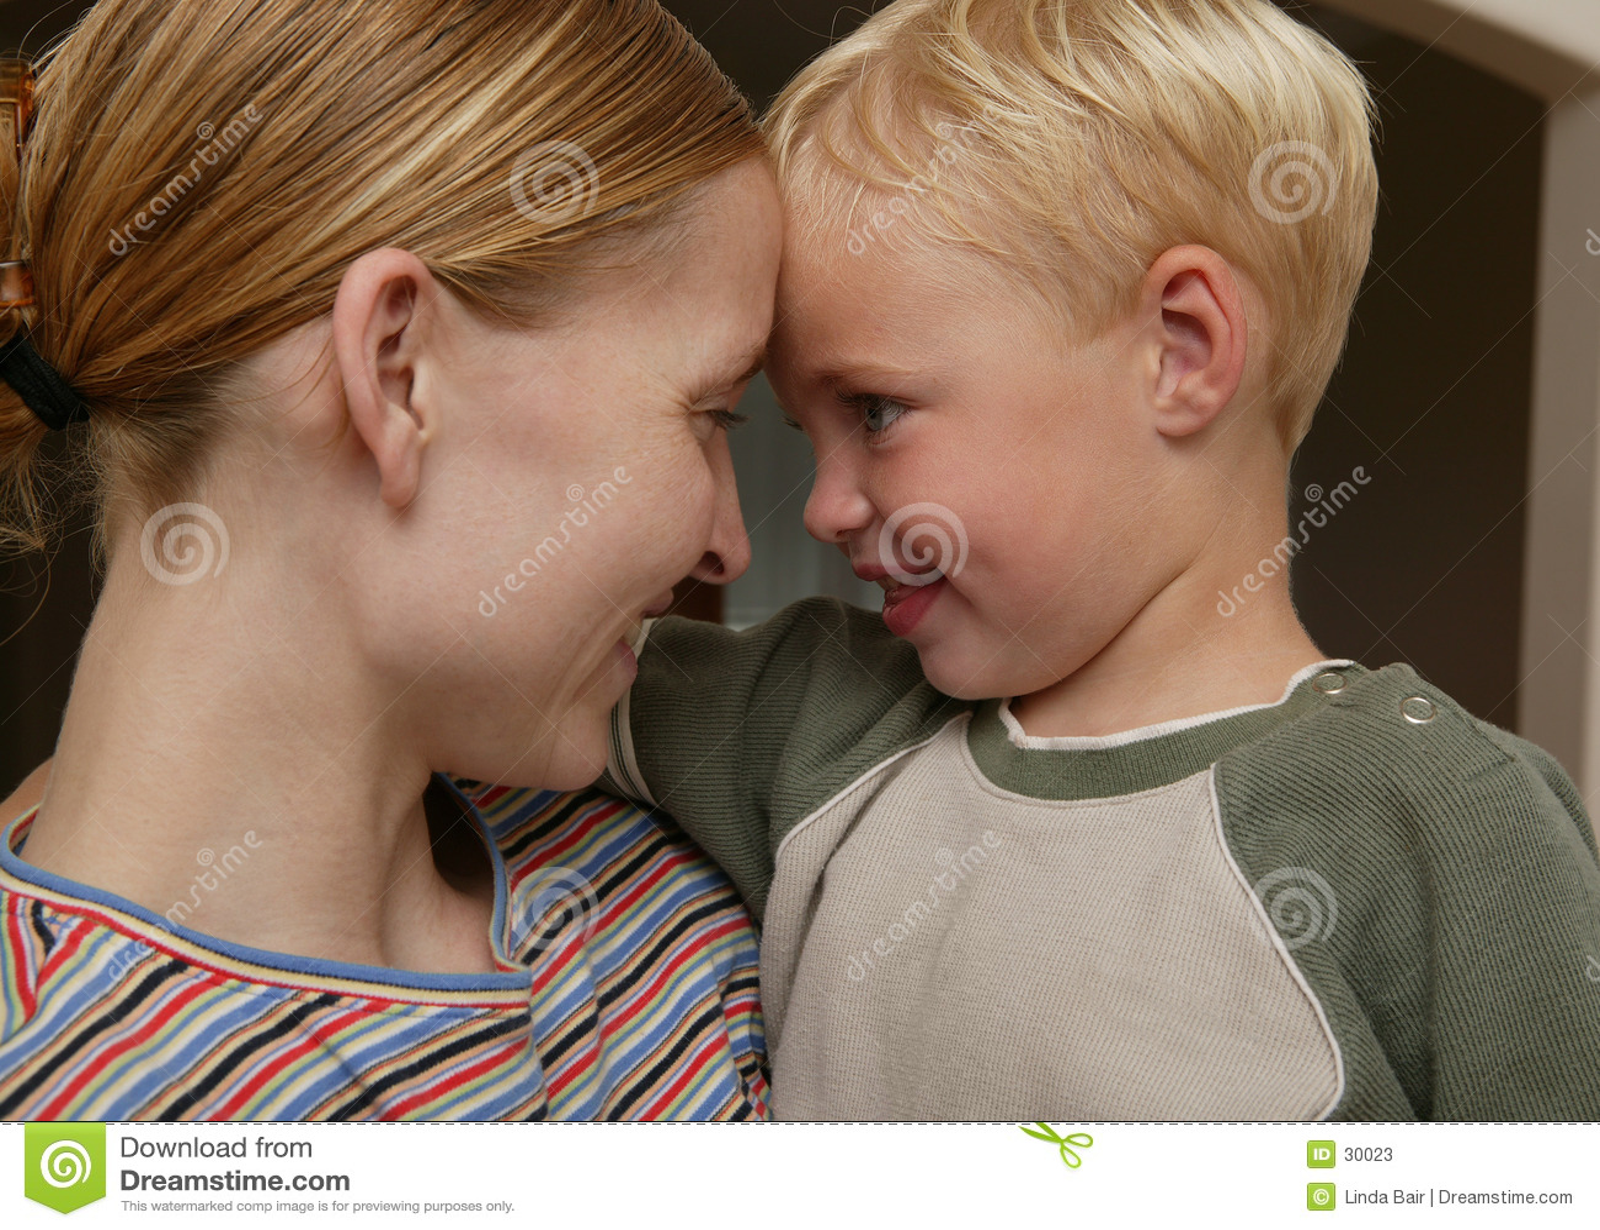 Parenting: Zeigen von Liebe